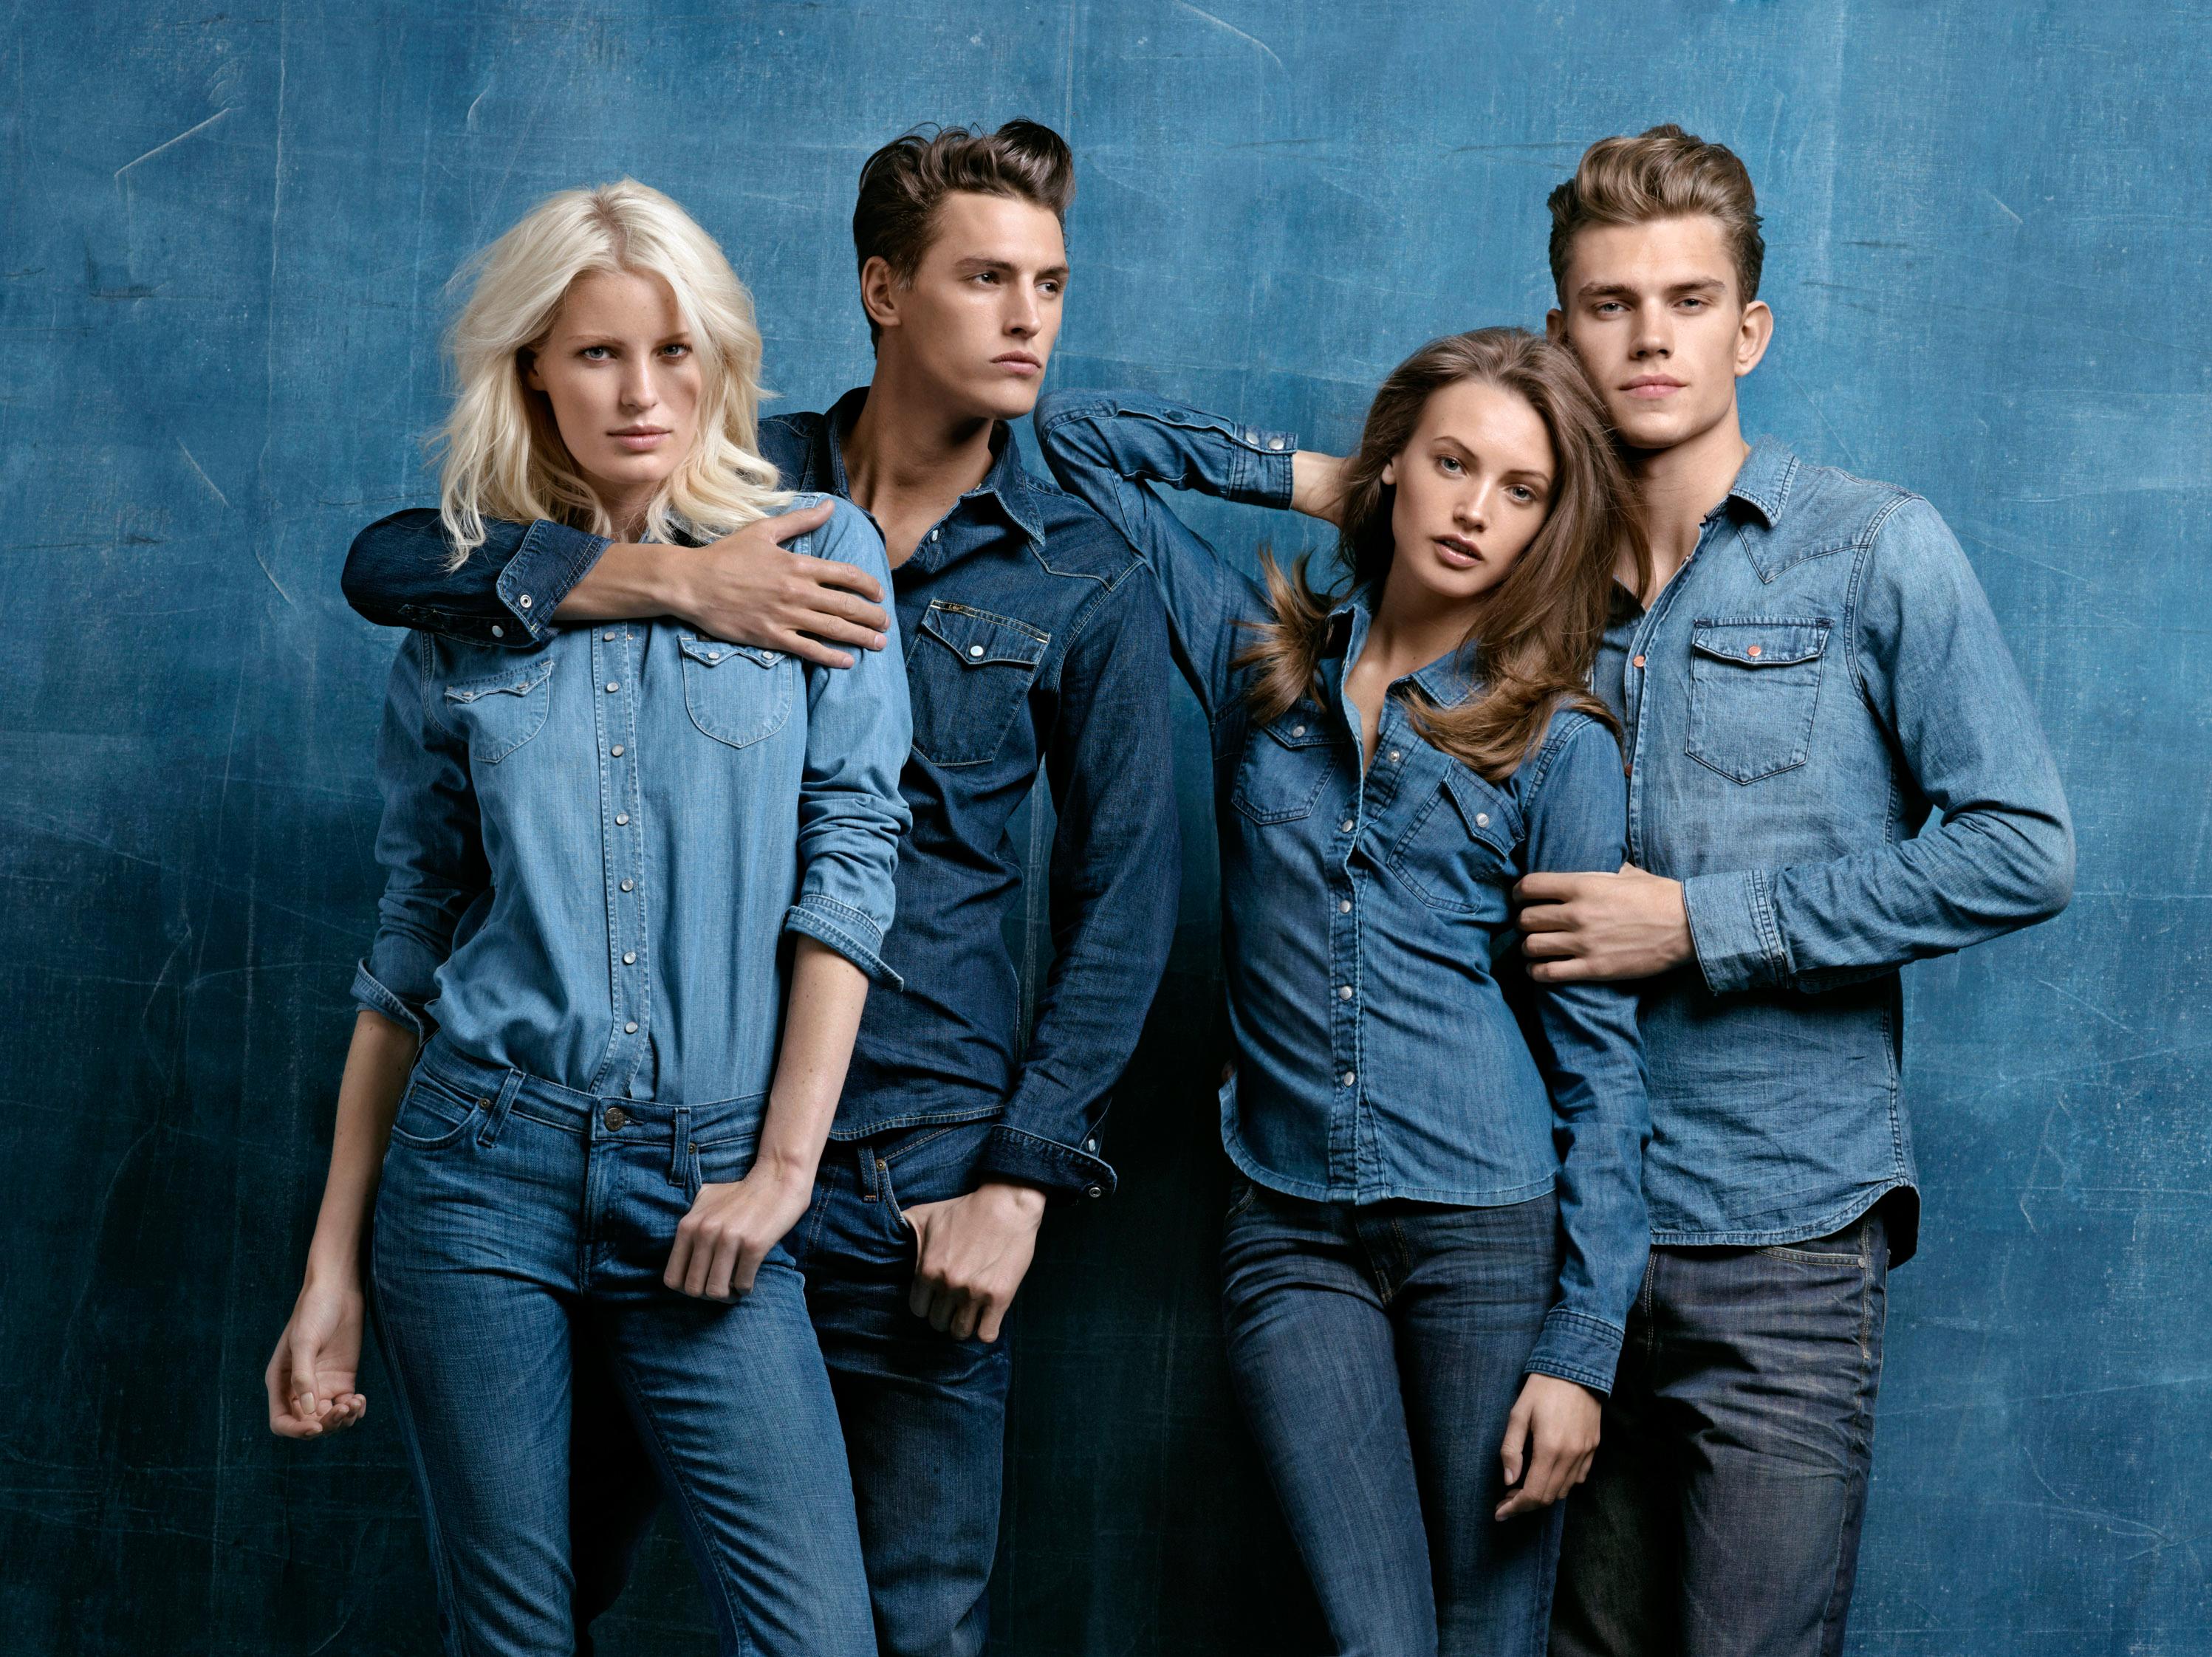 historia do jeans alexandre taleb1 - Tudo que você precisa saber sobre a camisa Jeans